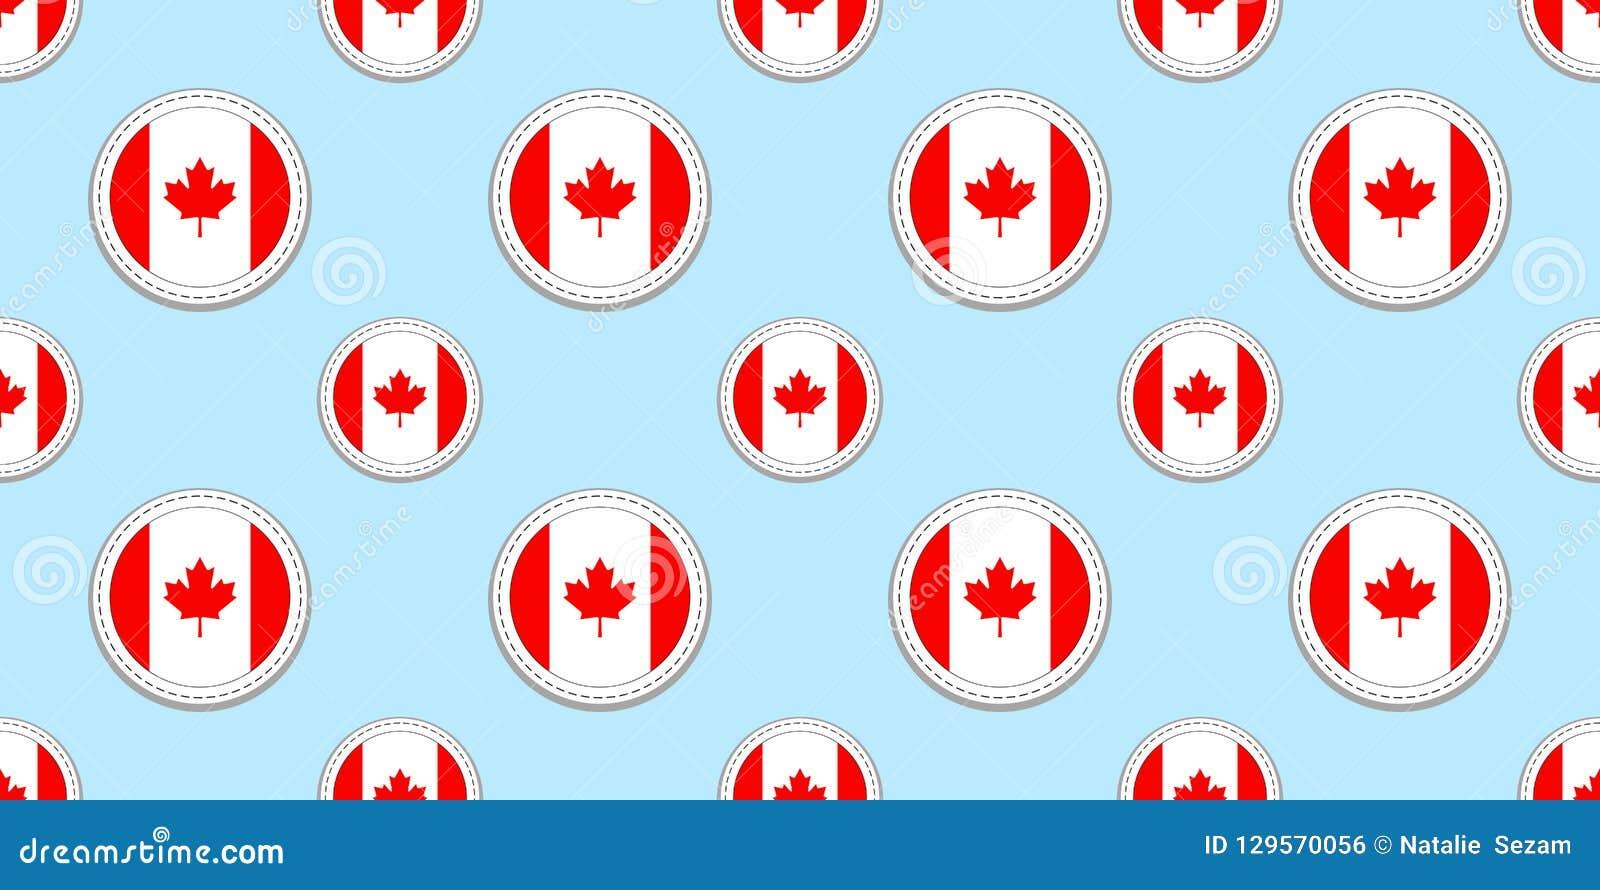 Καναδάς γύρω από το άνευ ραφής σχέδιο σημαιών Καναδικό υπόβαθρο Διανυσματικά εικονίδια κύκλων Γεωμετρικά σύμβολα Σύσταση για τον